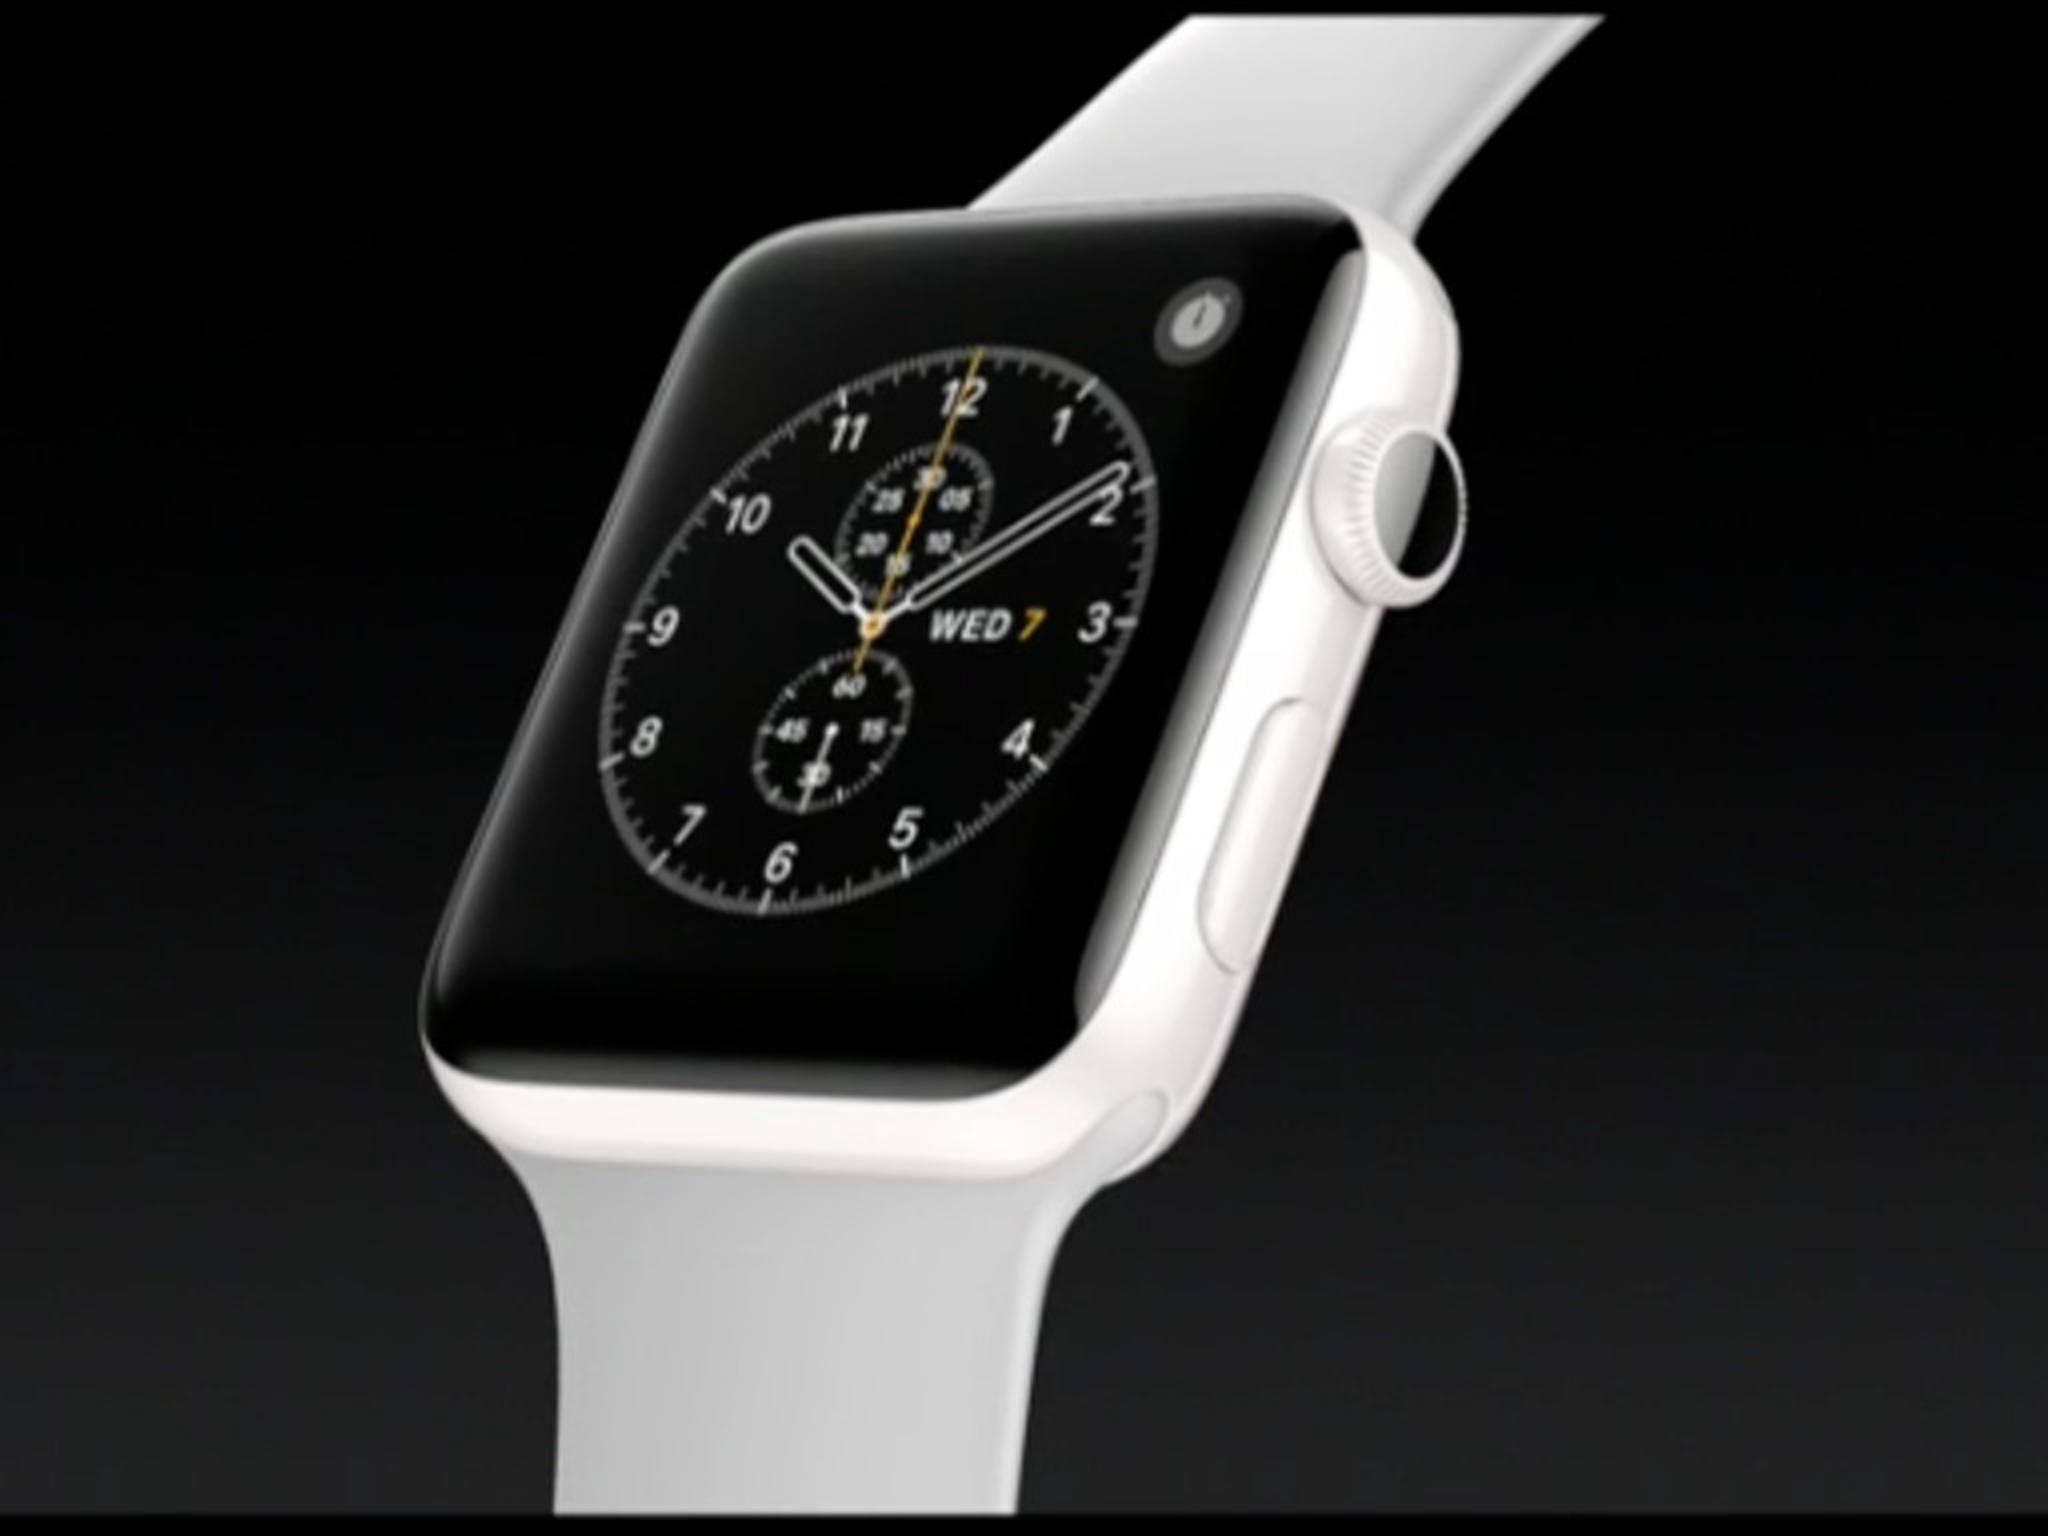 Apple Watch Series 2 Keramik.jpg